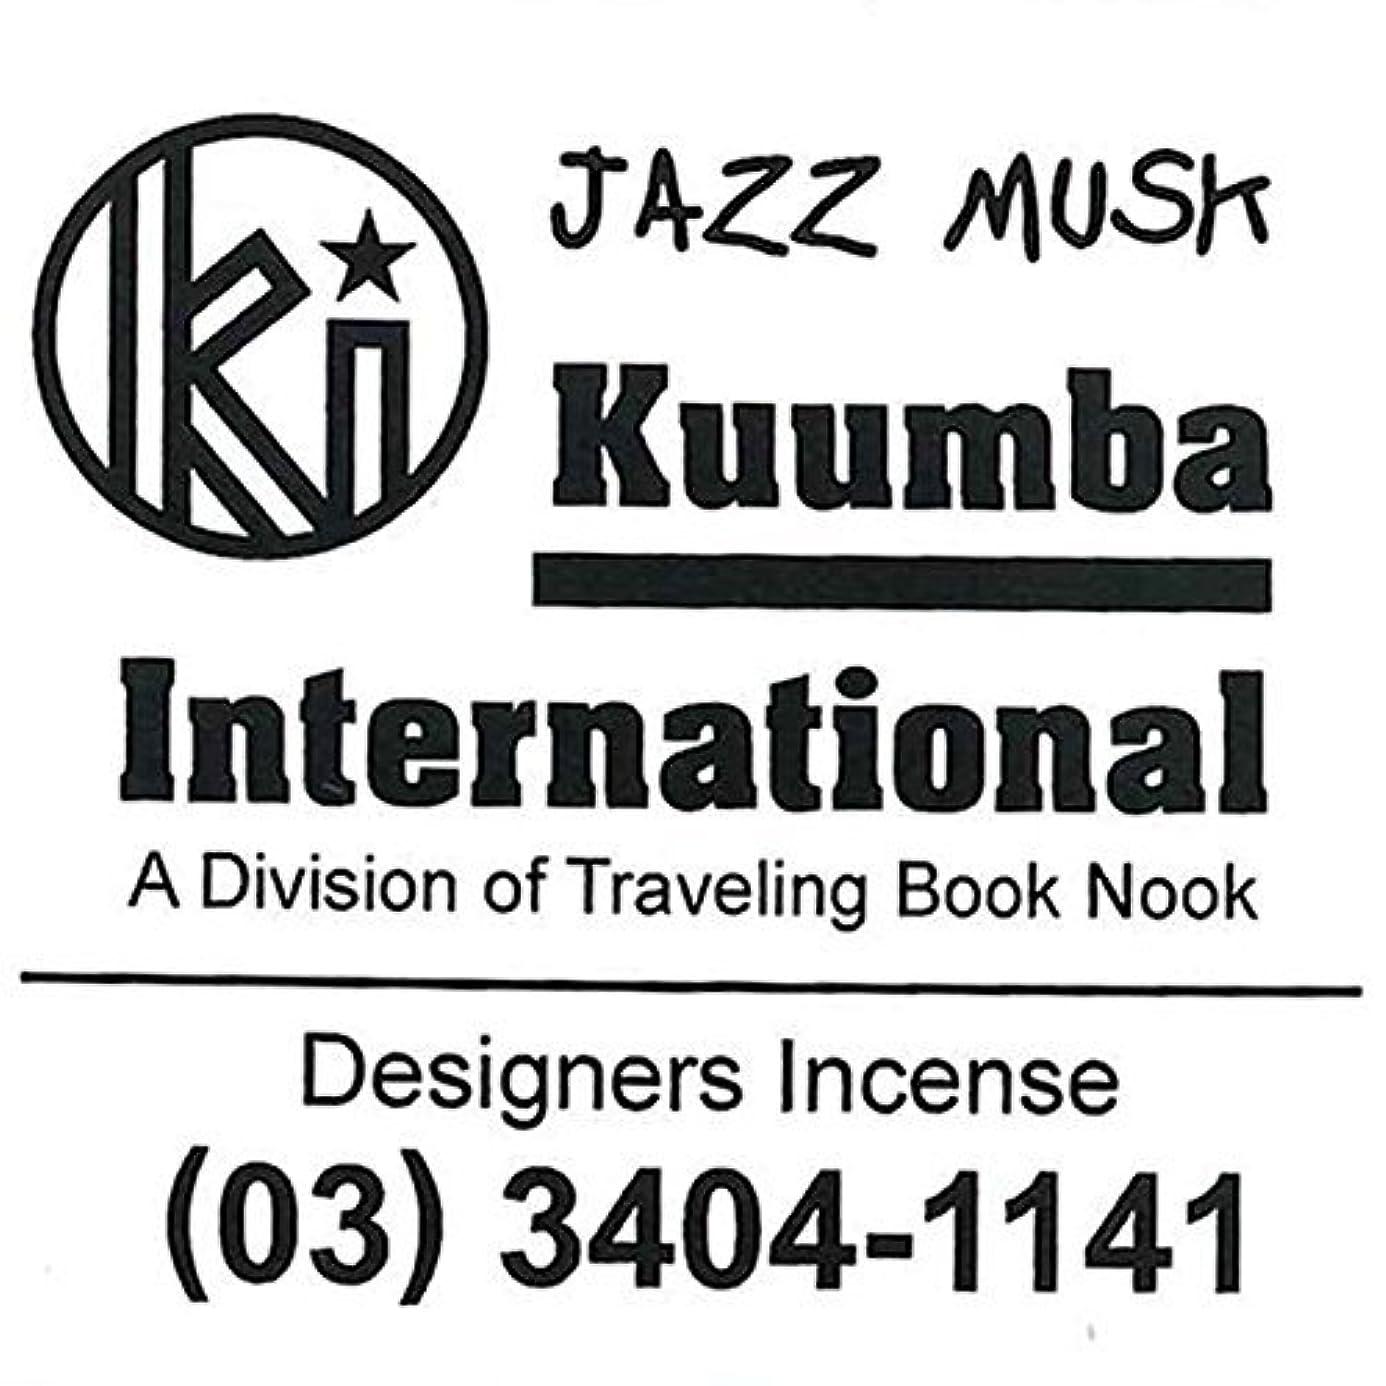 バルク本物入植者KUUMBA/クンバ『incense』(JAZZ MUSK ジャズムスク)(Regular size レギュラーサイズ)